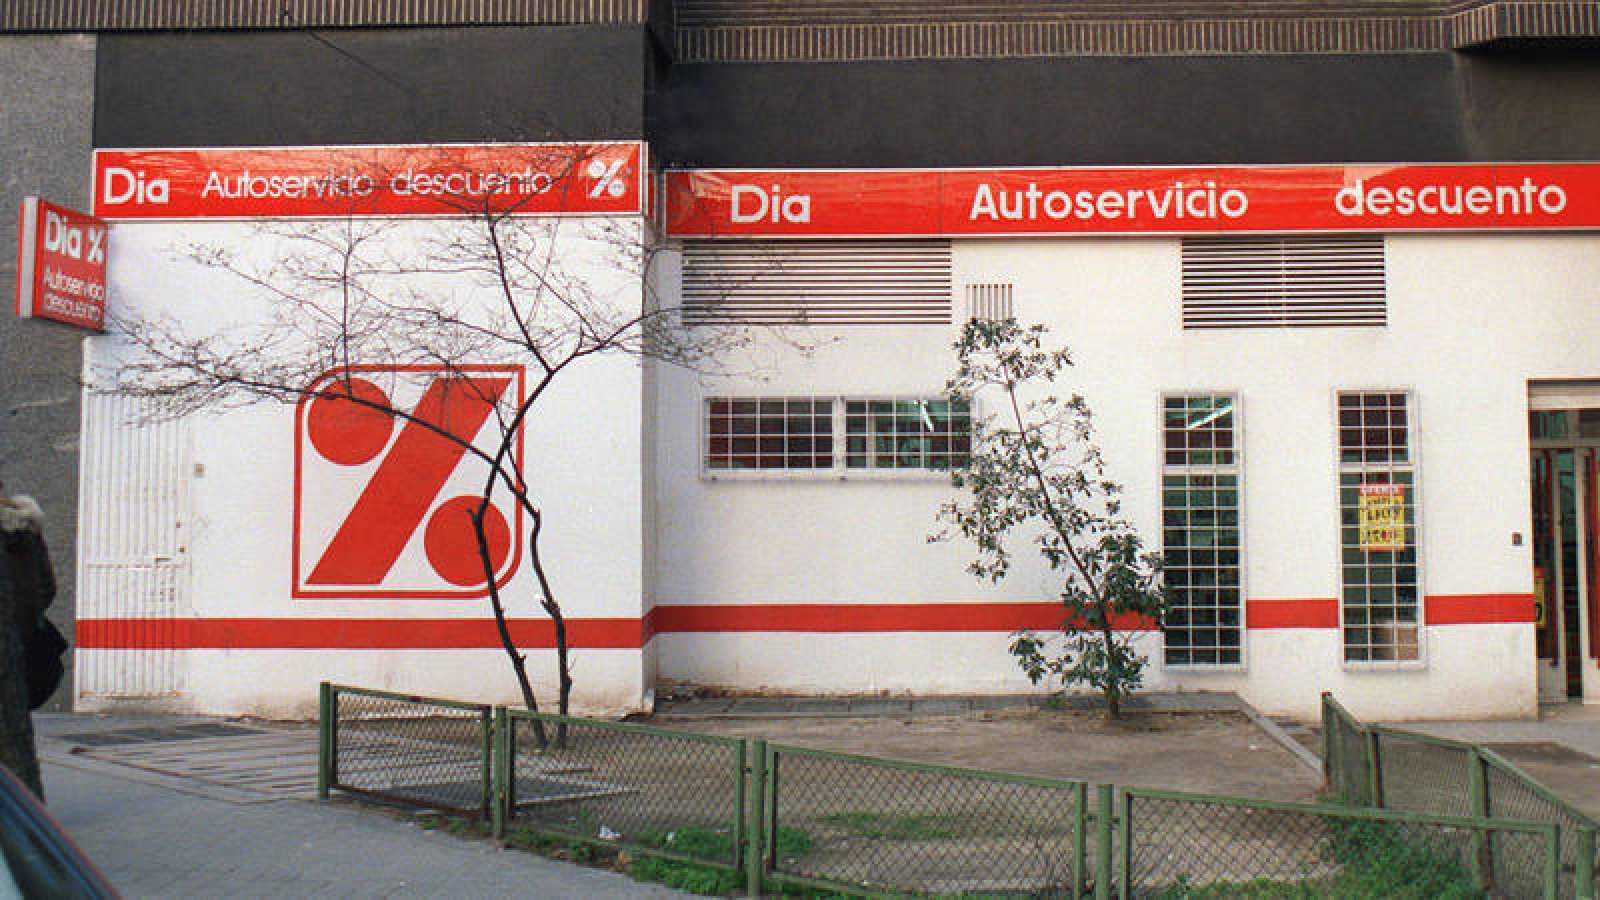 Un supermercado Dia en una imagen de archivo